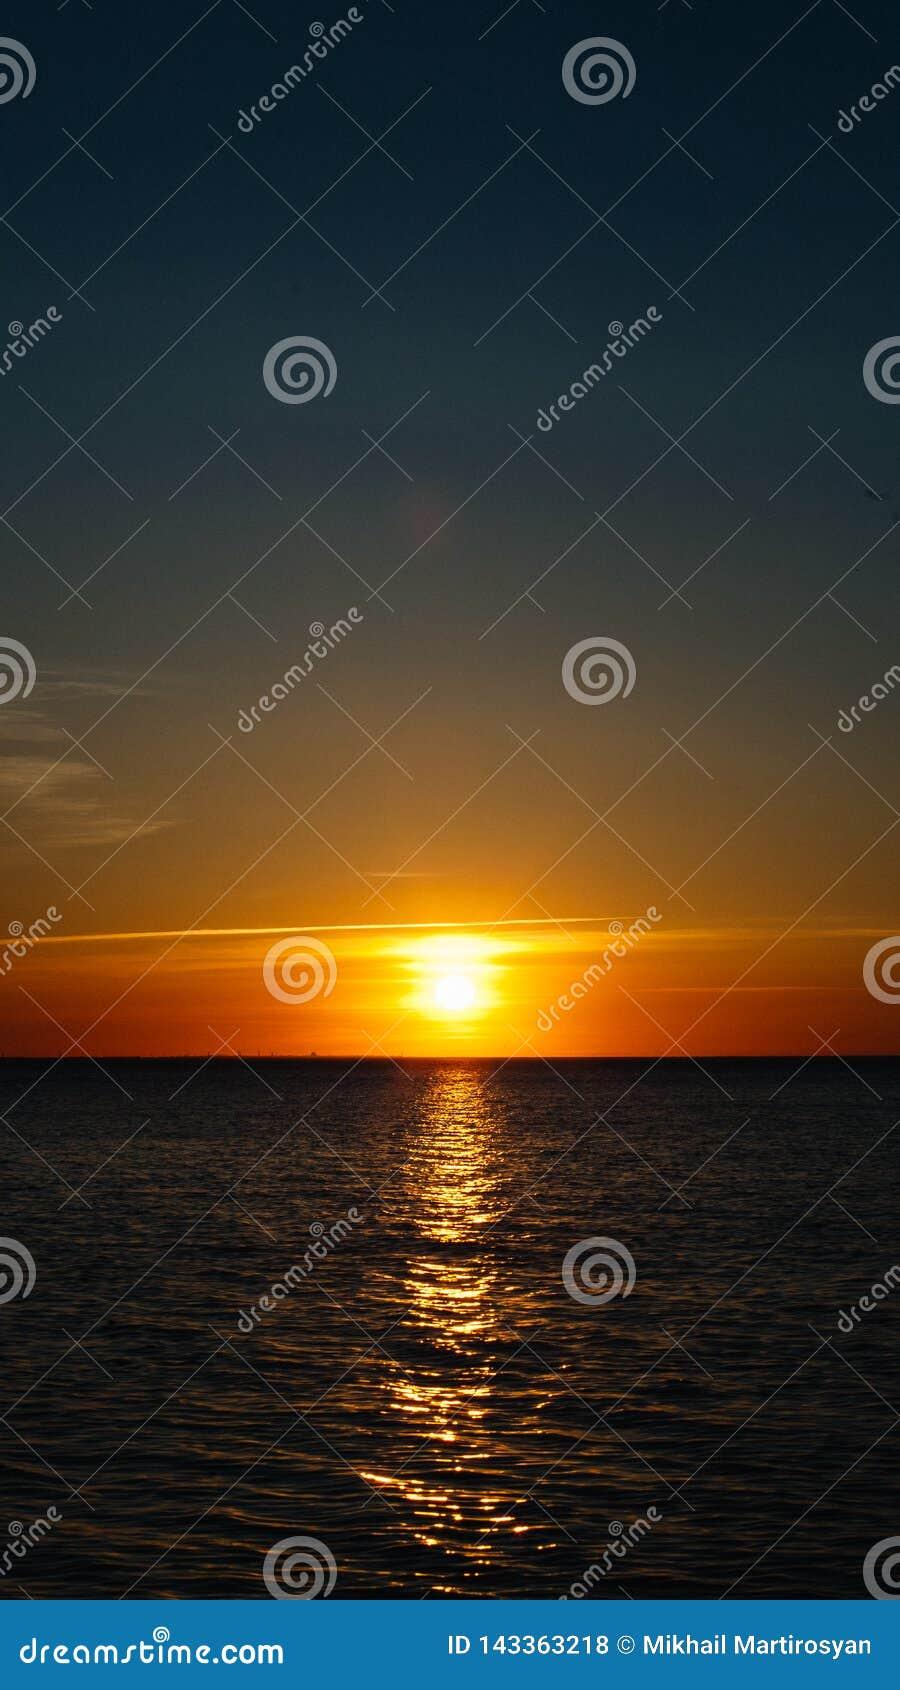 Заход солнца или рассвет на море Берег Чёрного моря Мобильный хранитель экрана, вертикальный план, обои природы Красивые цвета, м